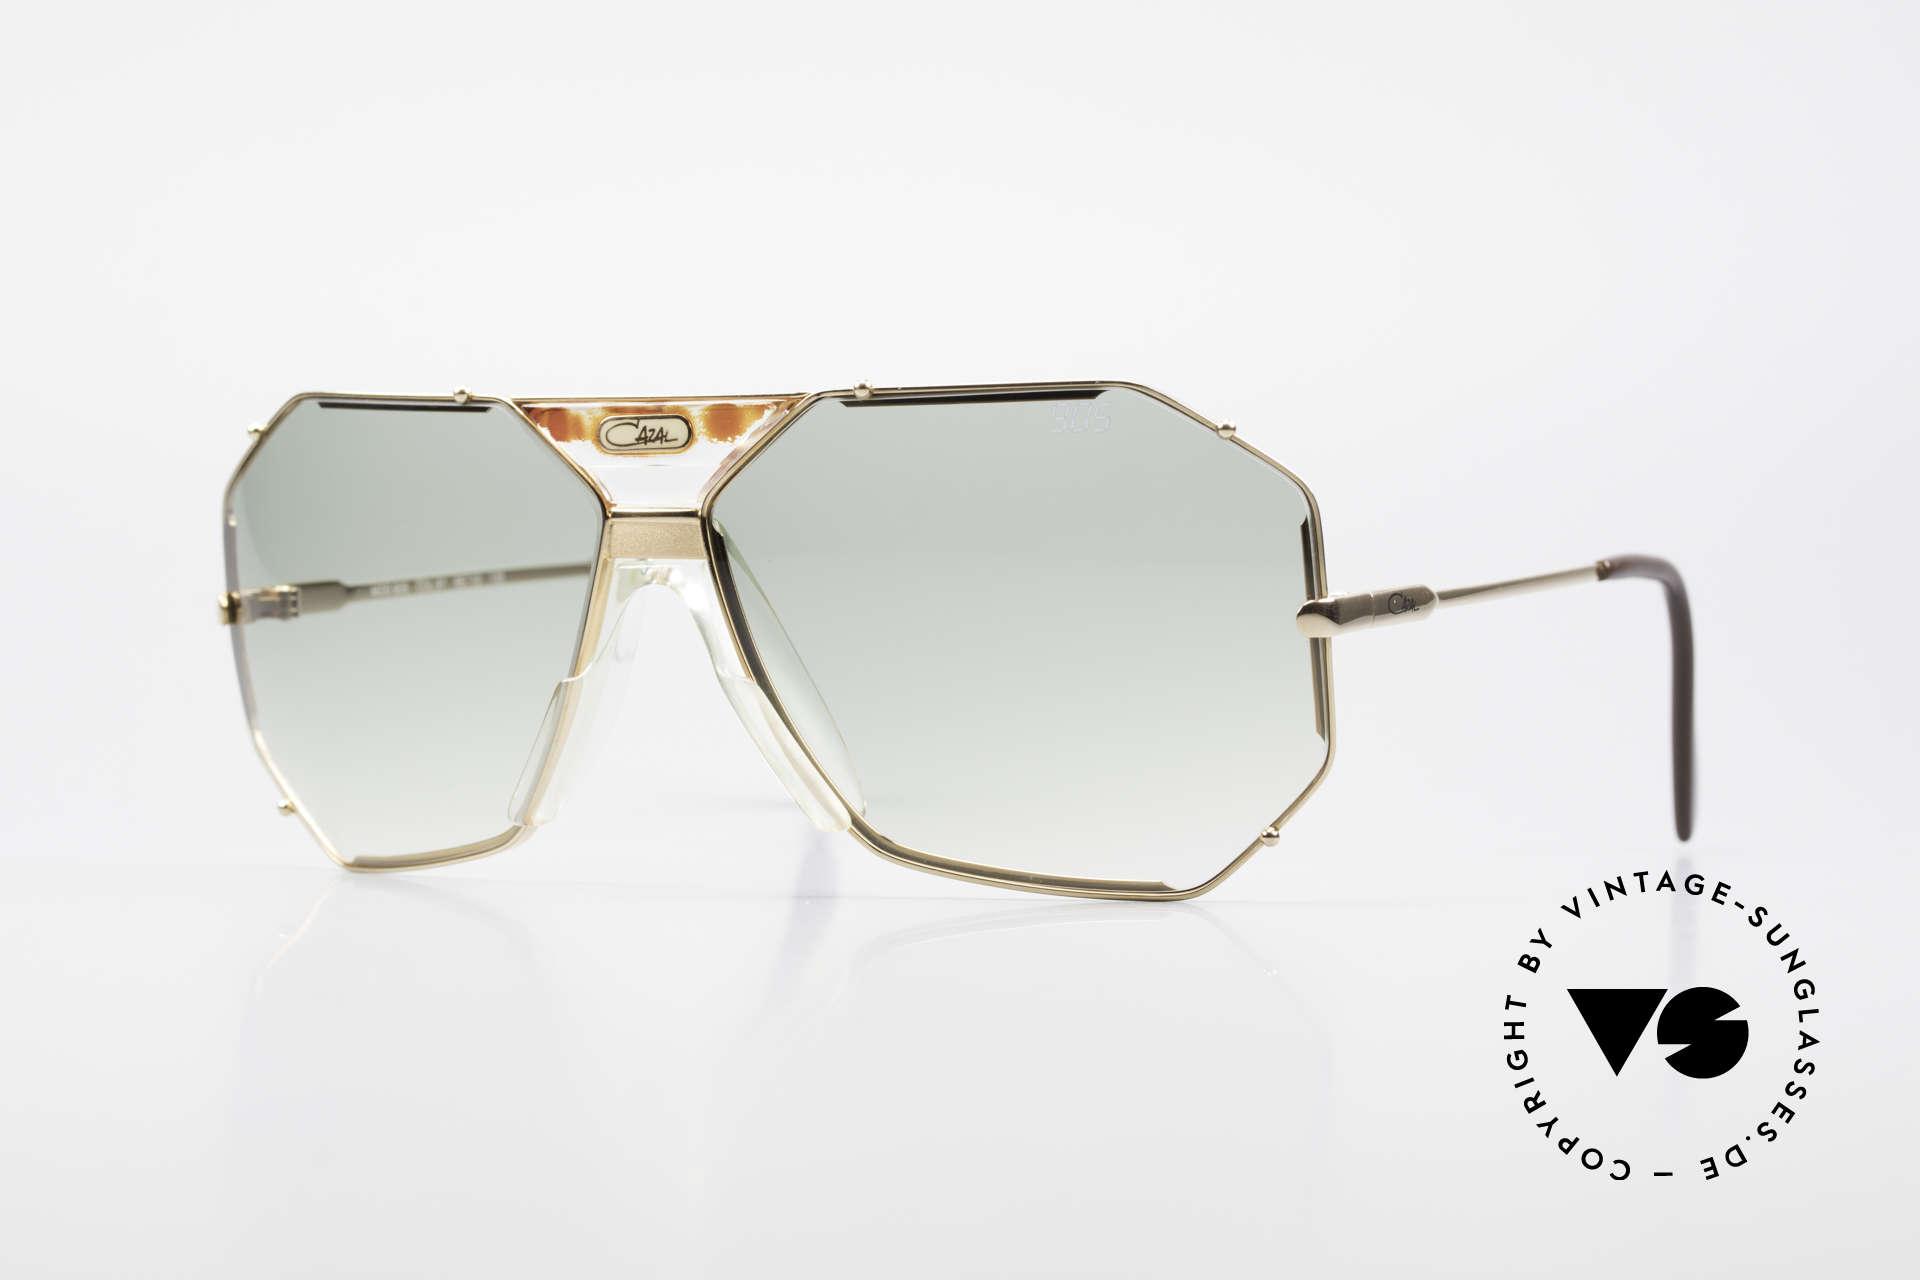 Cazal 905 Gwen Stefani Sonnenbrille 80er, berühmte Cazal vintage Sonnenbrille von 1989/90, Passend für Herren